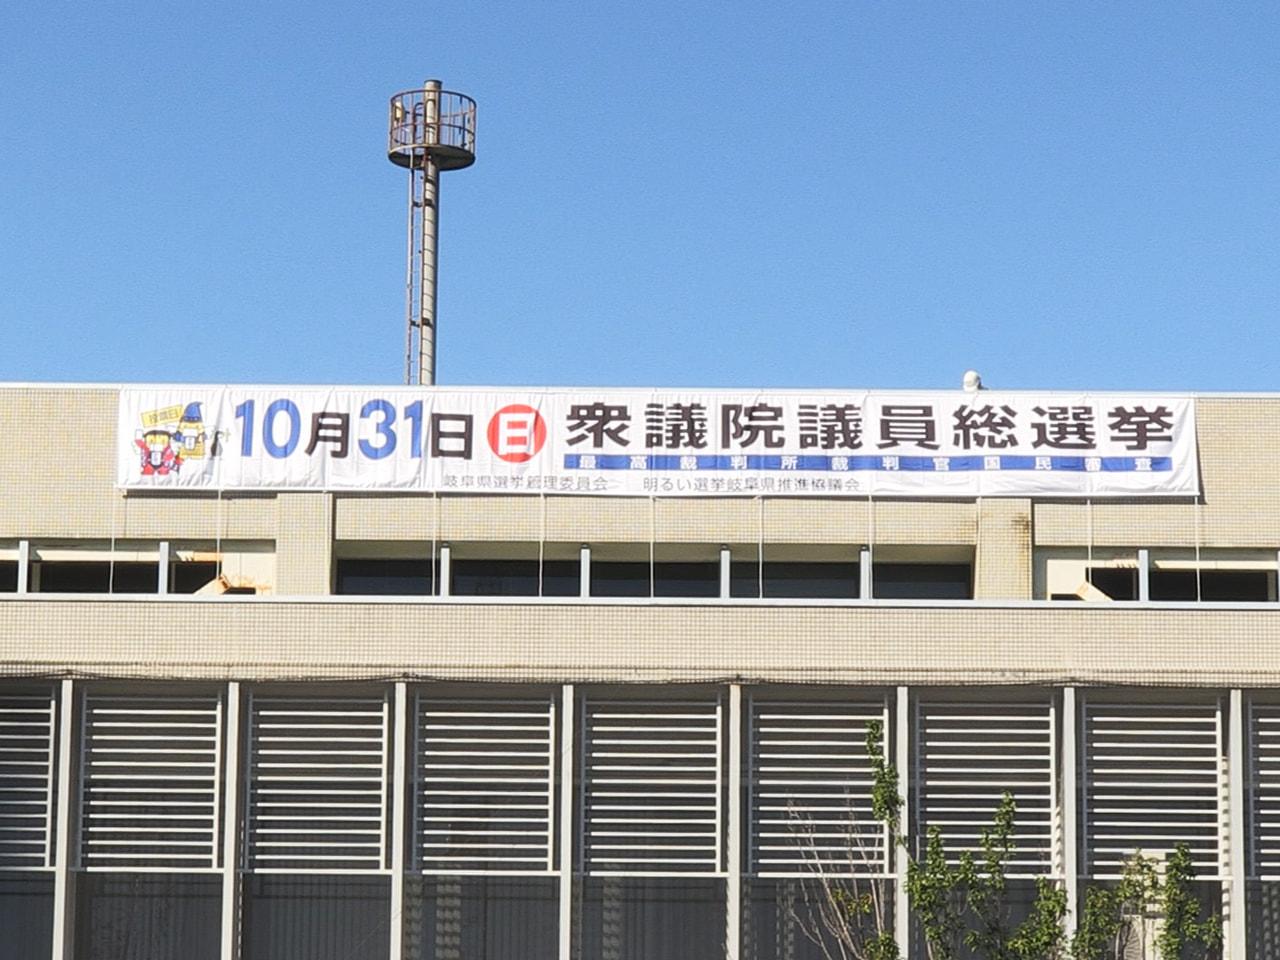 10月31日に投票が行われる衆議院議員選挙に向けて、投票を呼びかける宣伝幕が岐阜...